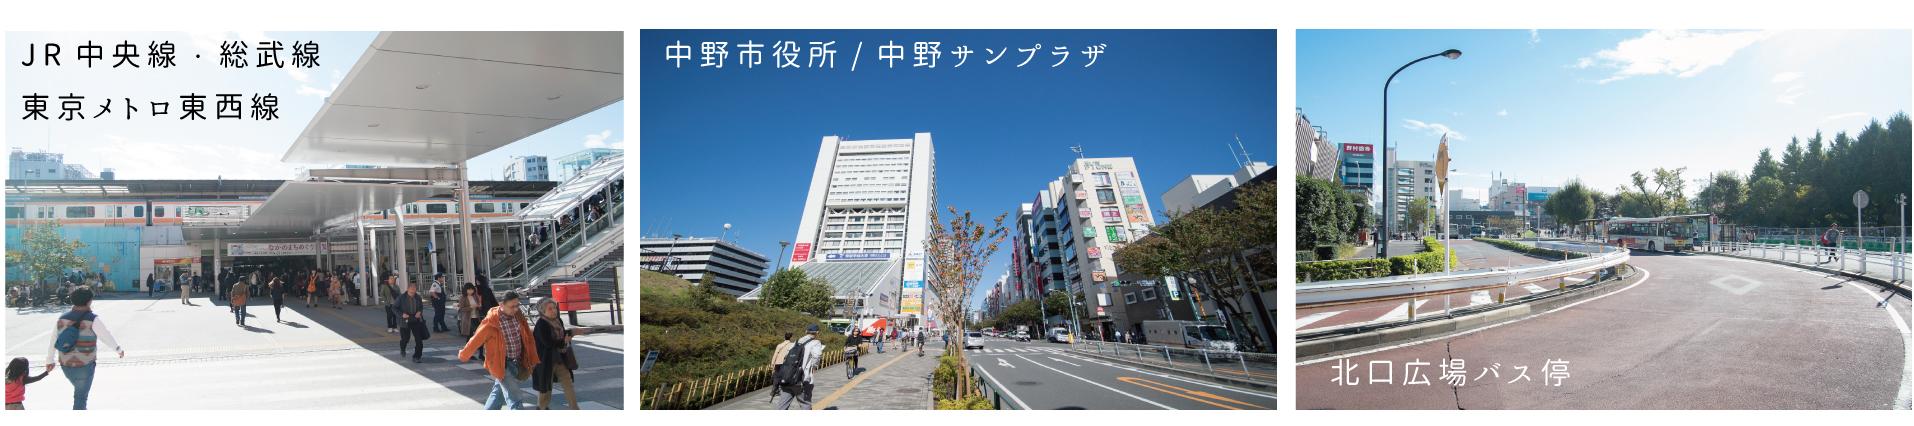 townmap_nakano_img1